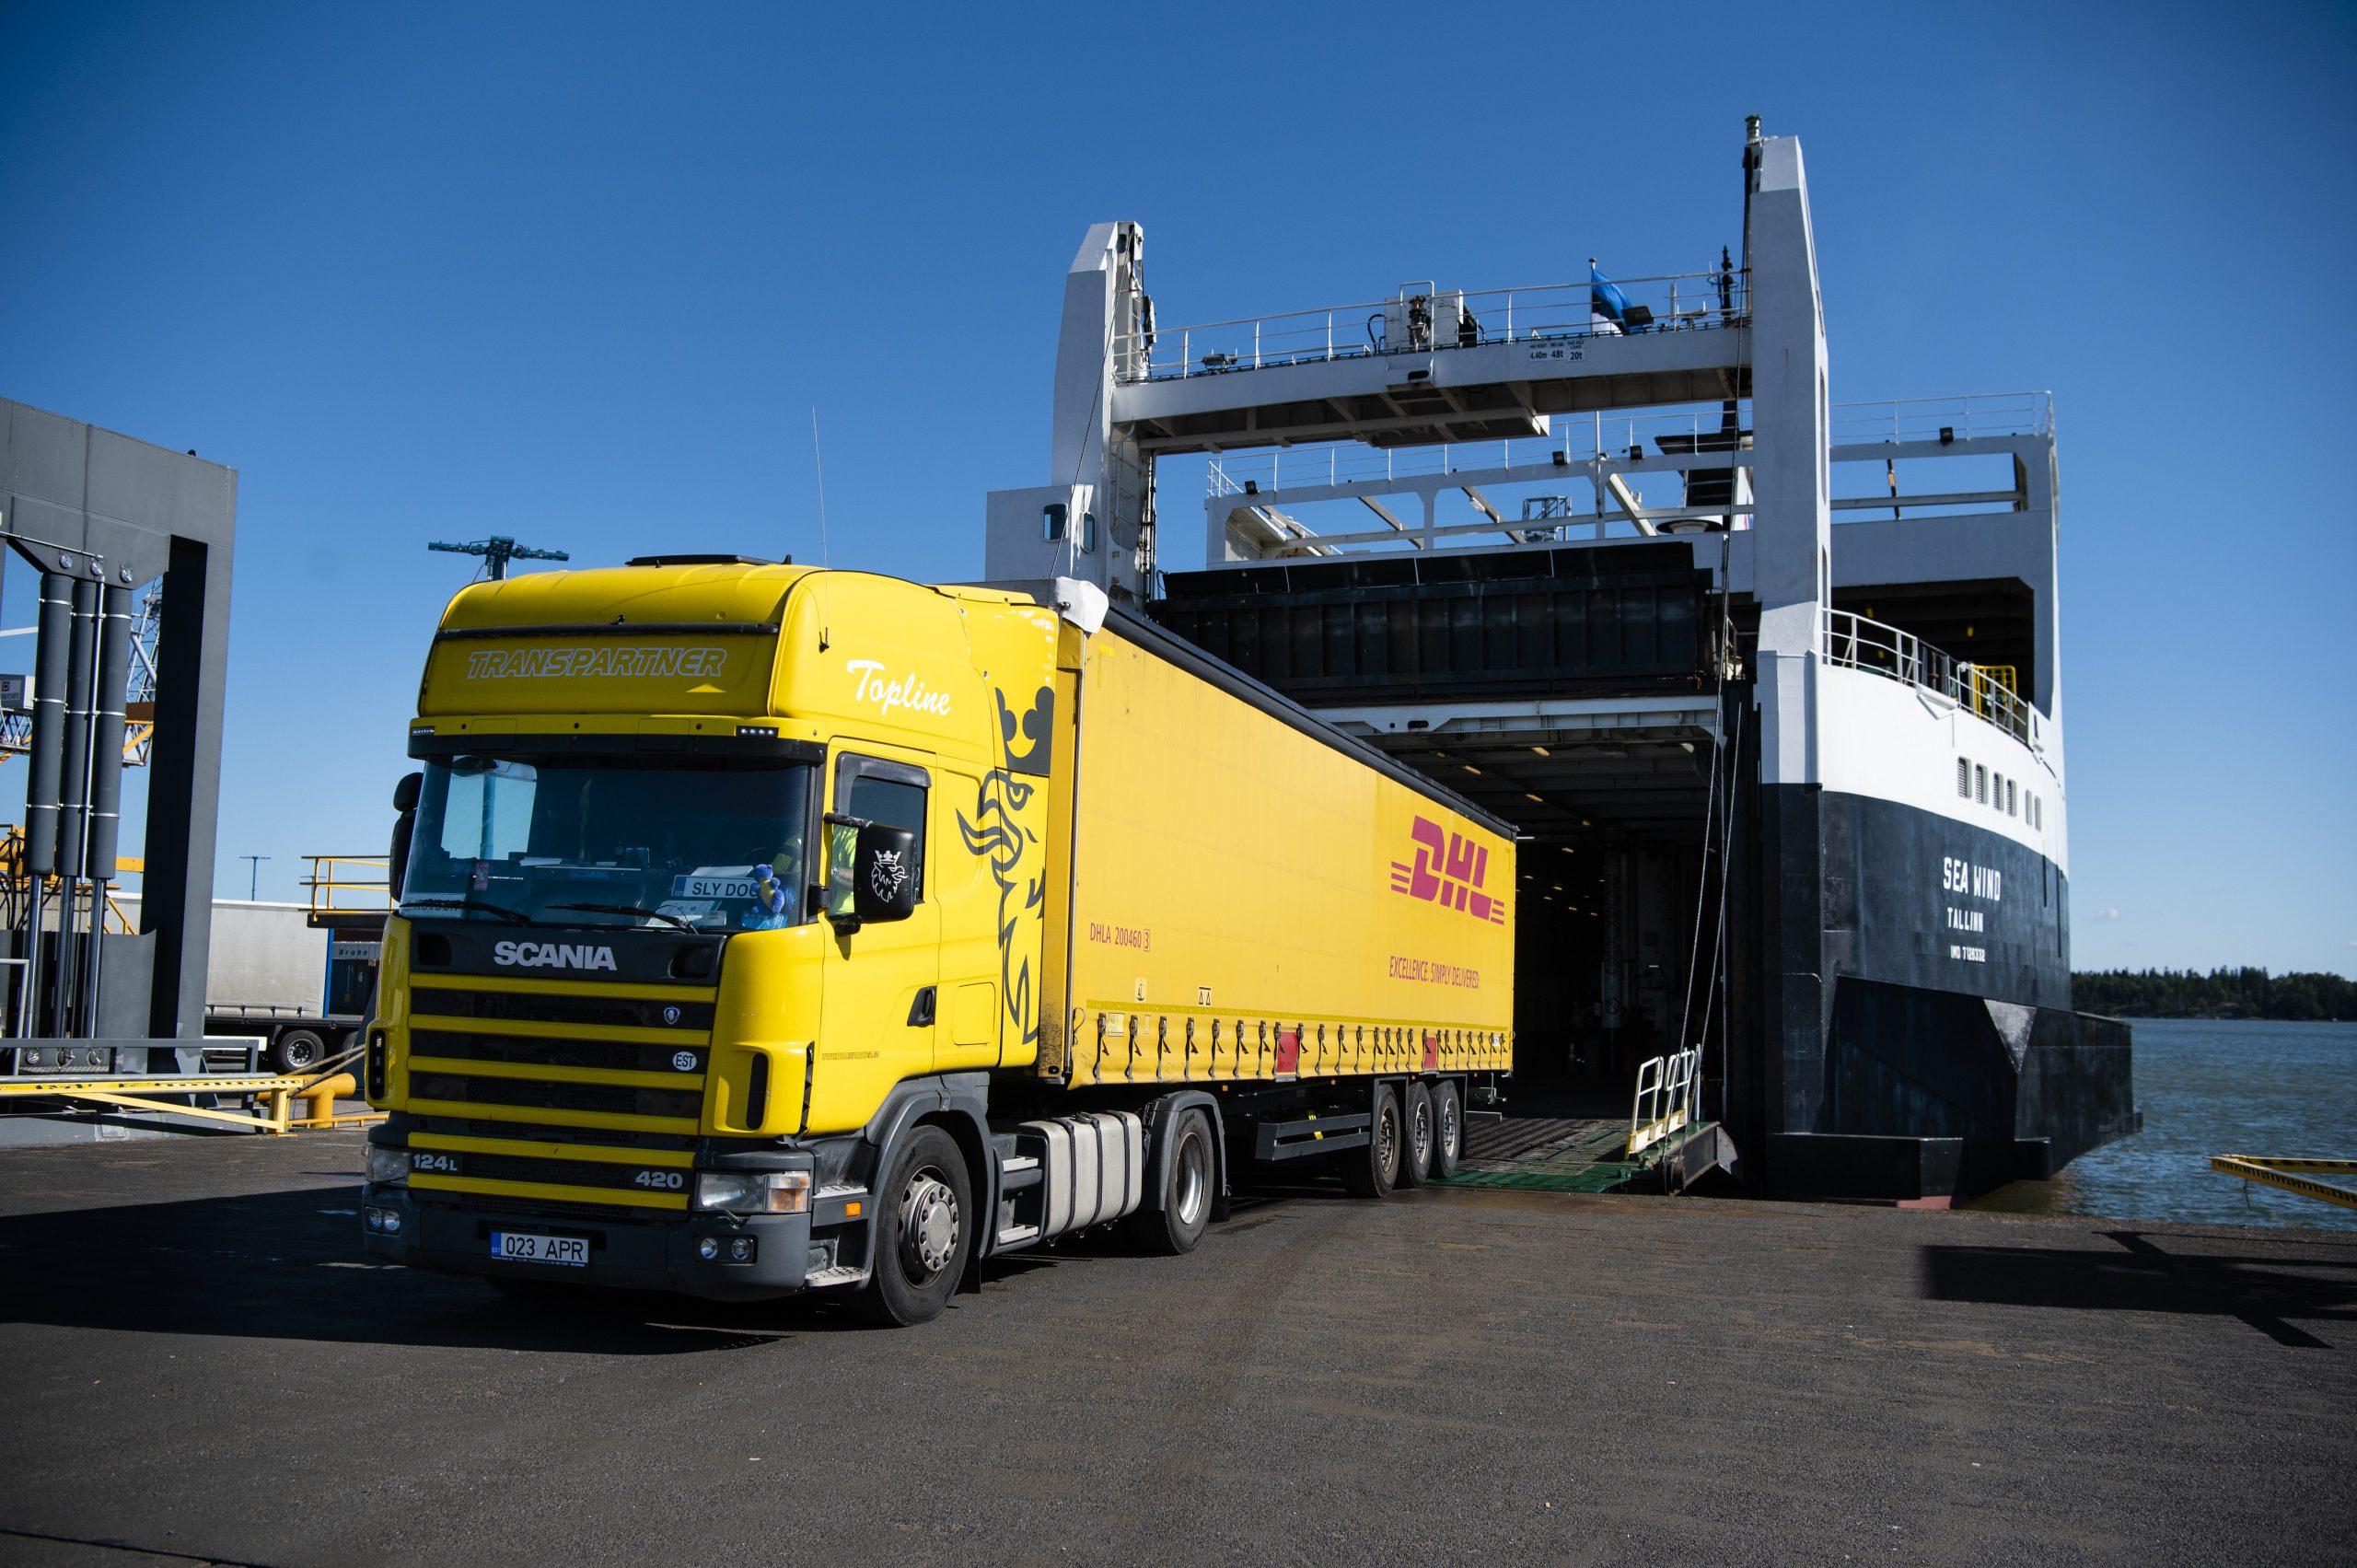 DHL:n rekka ajaa ulos Sea Wind -aluksesta Vuosaaren satamassa.